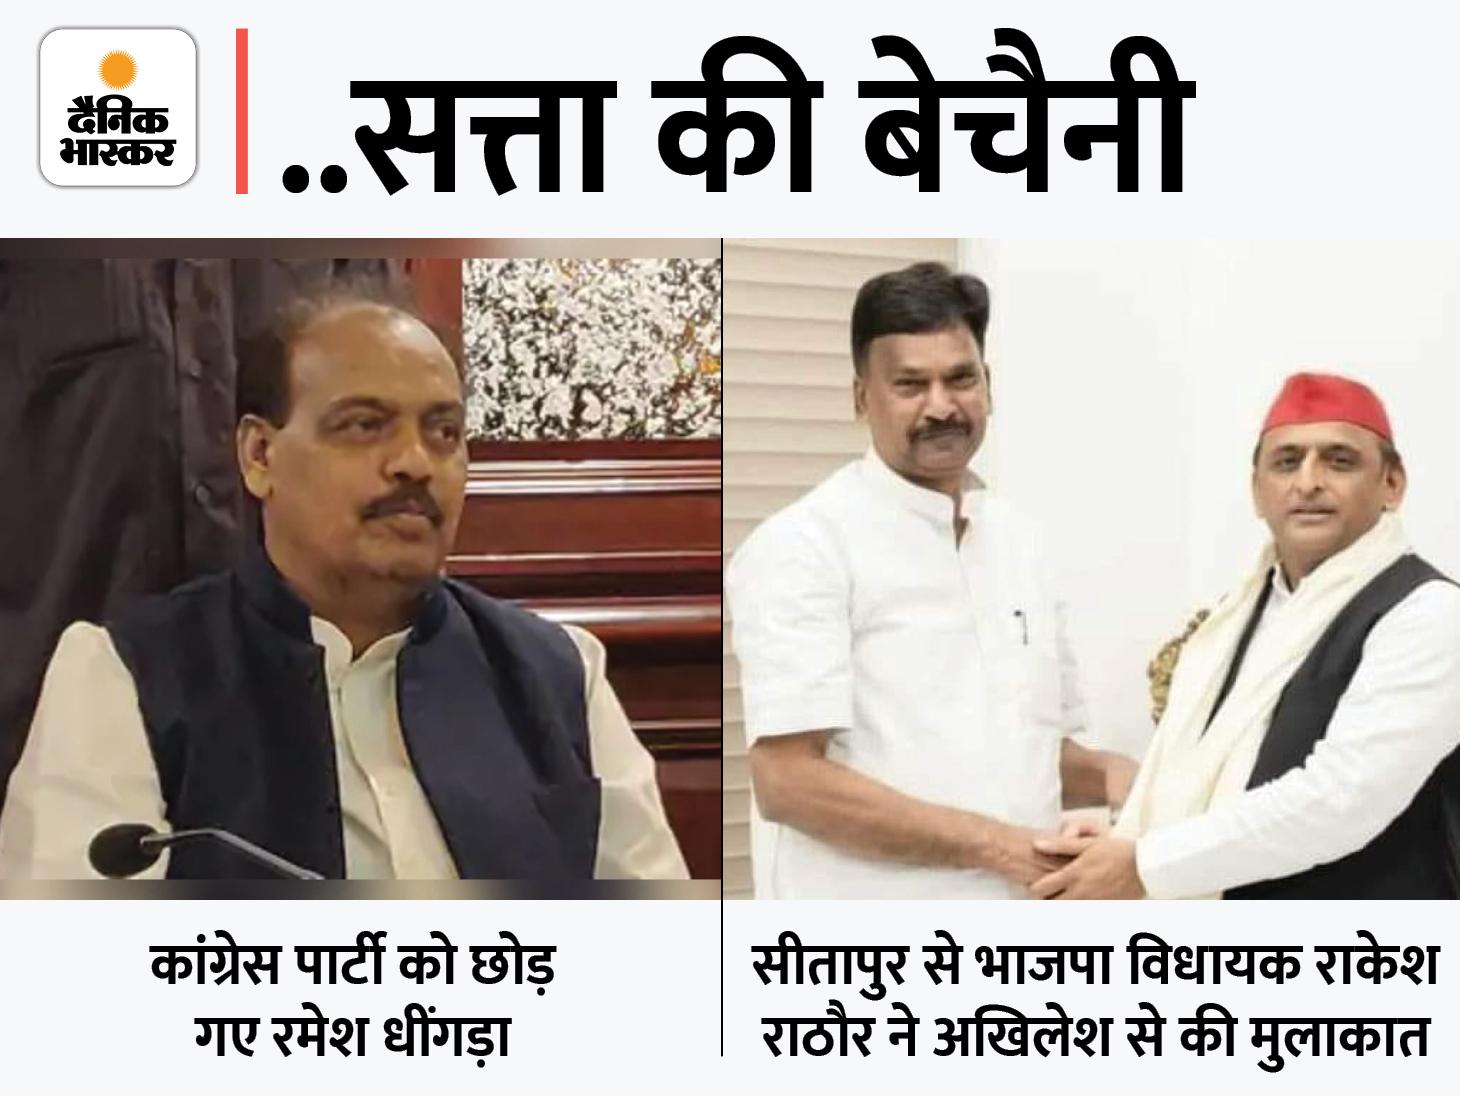 सीतापुर सदर विधायक लखनऊ में सपा अध्यक्ष से मिले, बोले- ये व्यक्तिगत मुलाकात; मेरठ में 4 बार कांग्रेस उम्मीदवार रहे धींगड़ा ने पार्टी छोड़ी|उत्तरप्रदेश,Uttar Pradesh - Dainik Bhaskar